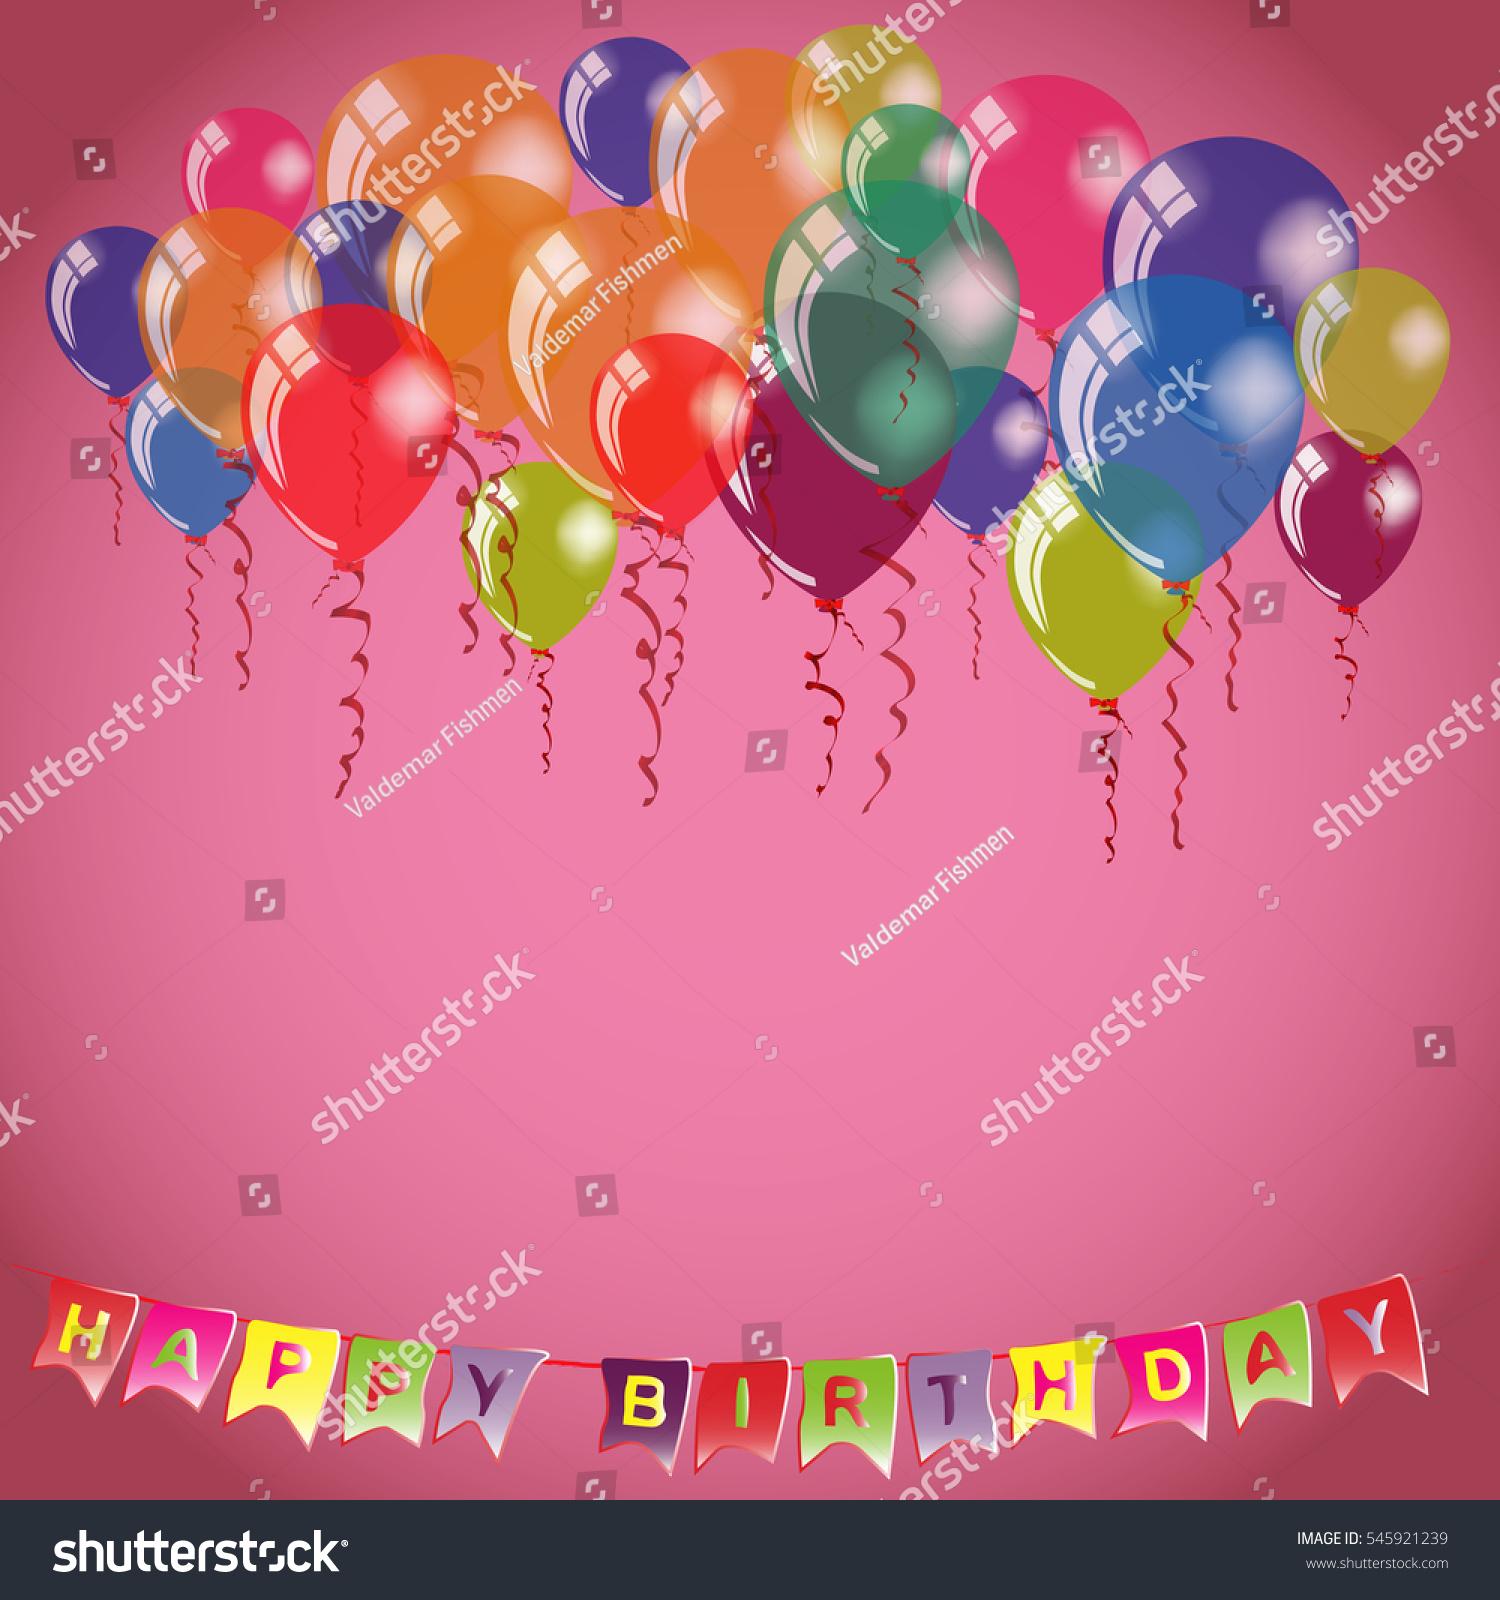 Happy Birthday Invitation Congratulation Card Template Stock